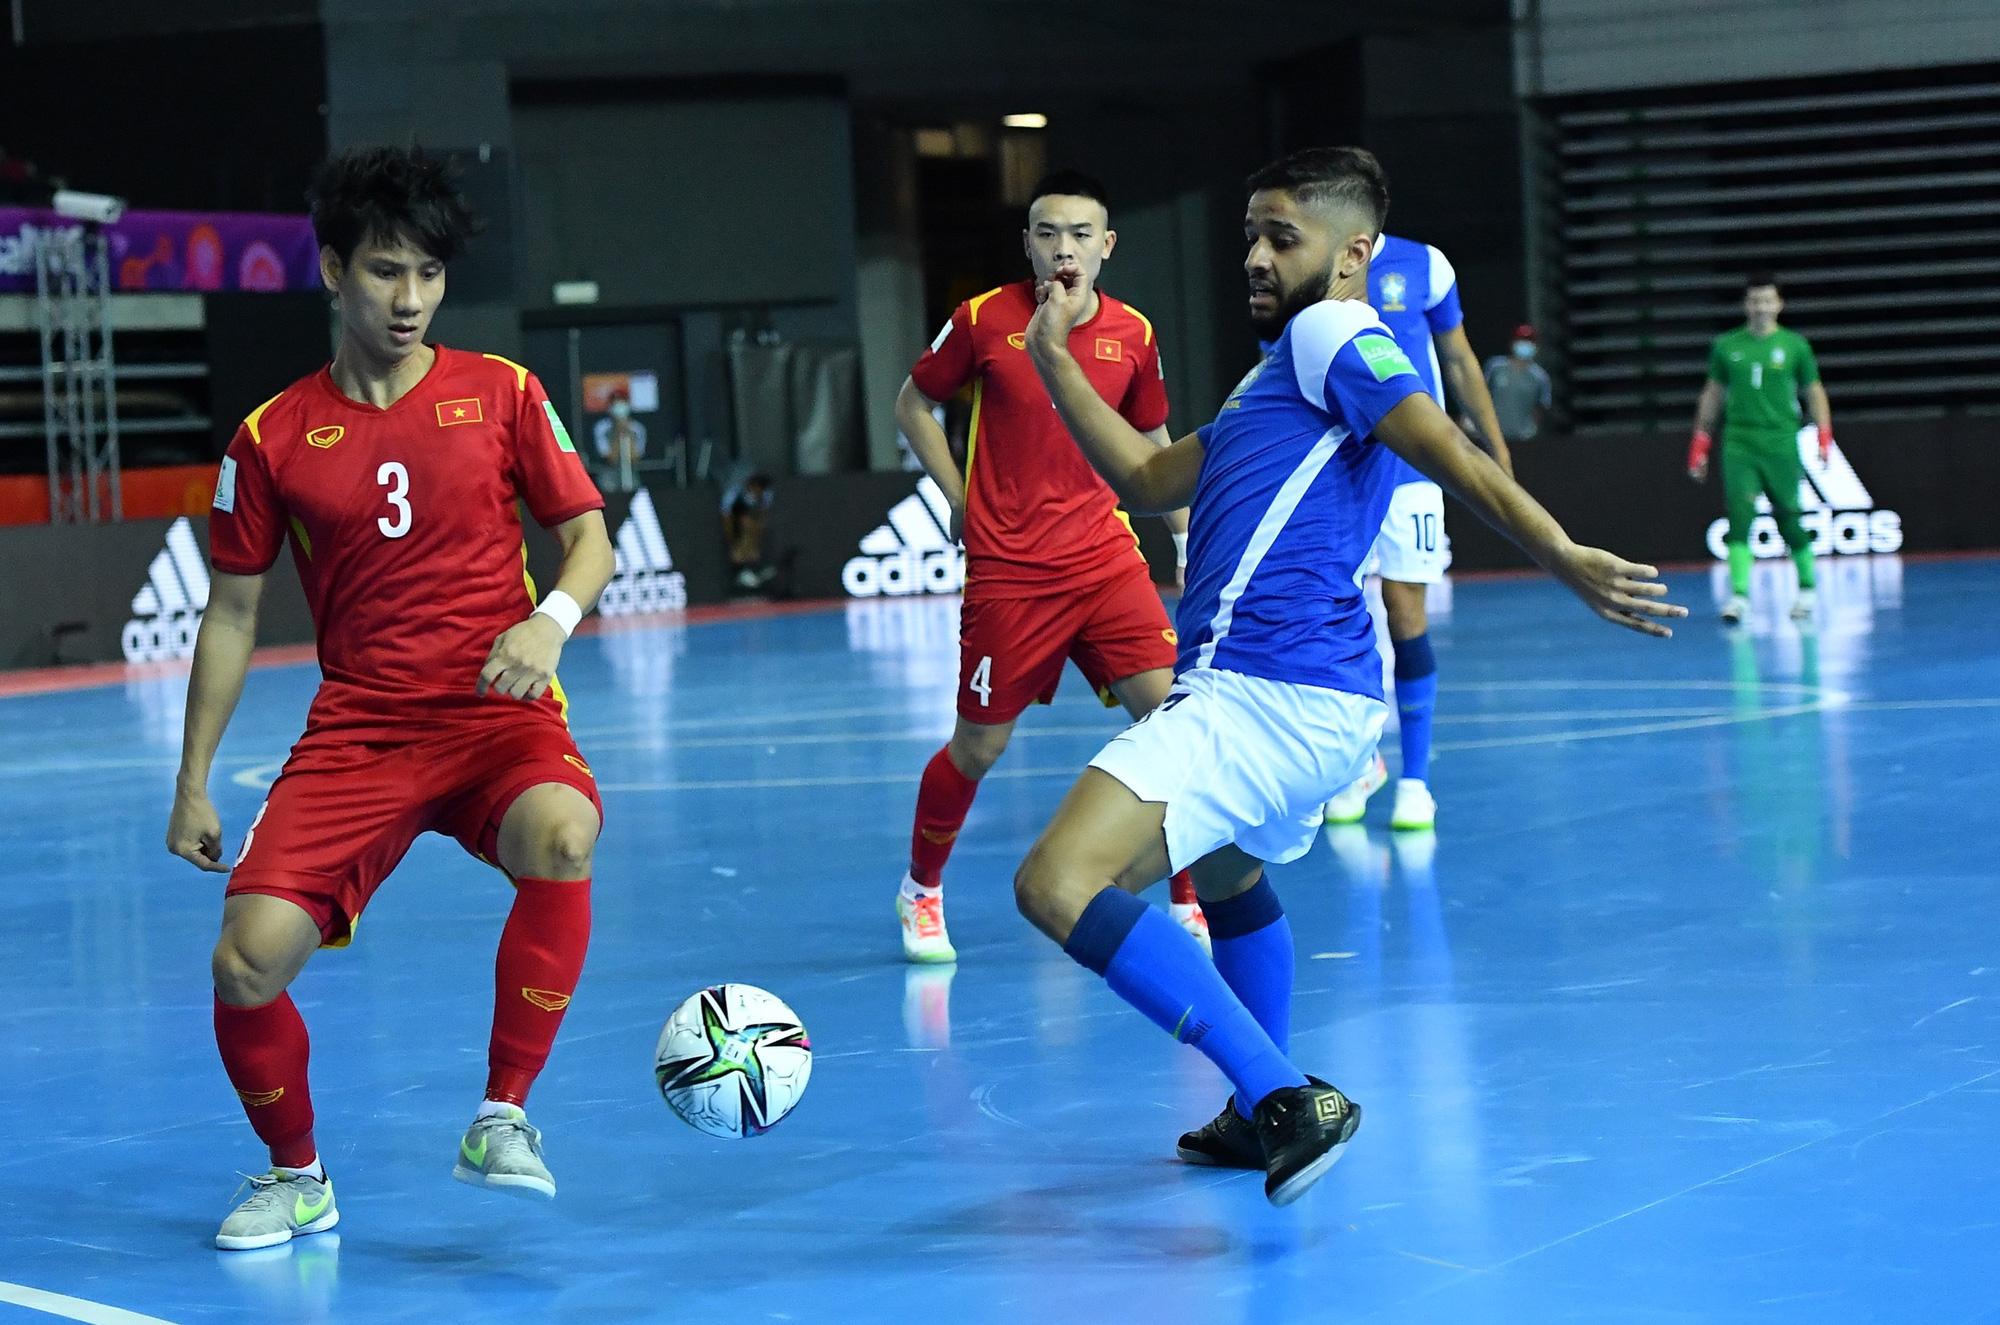 HLV trưởng ĐT futsal Việt Nam lạc quan sau trận thua Brazil: Ghi bàn đã là 1 hạnh phúc - ảnh 5